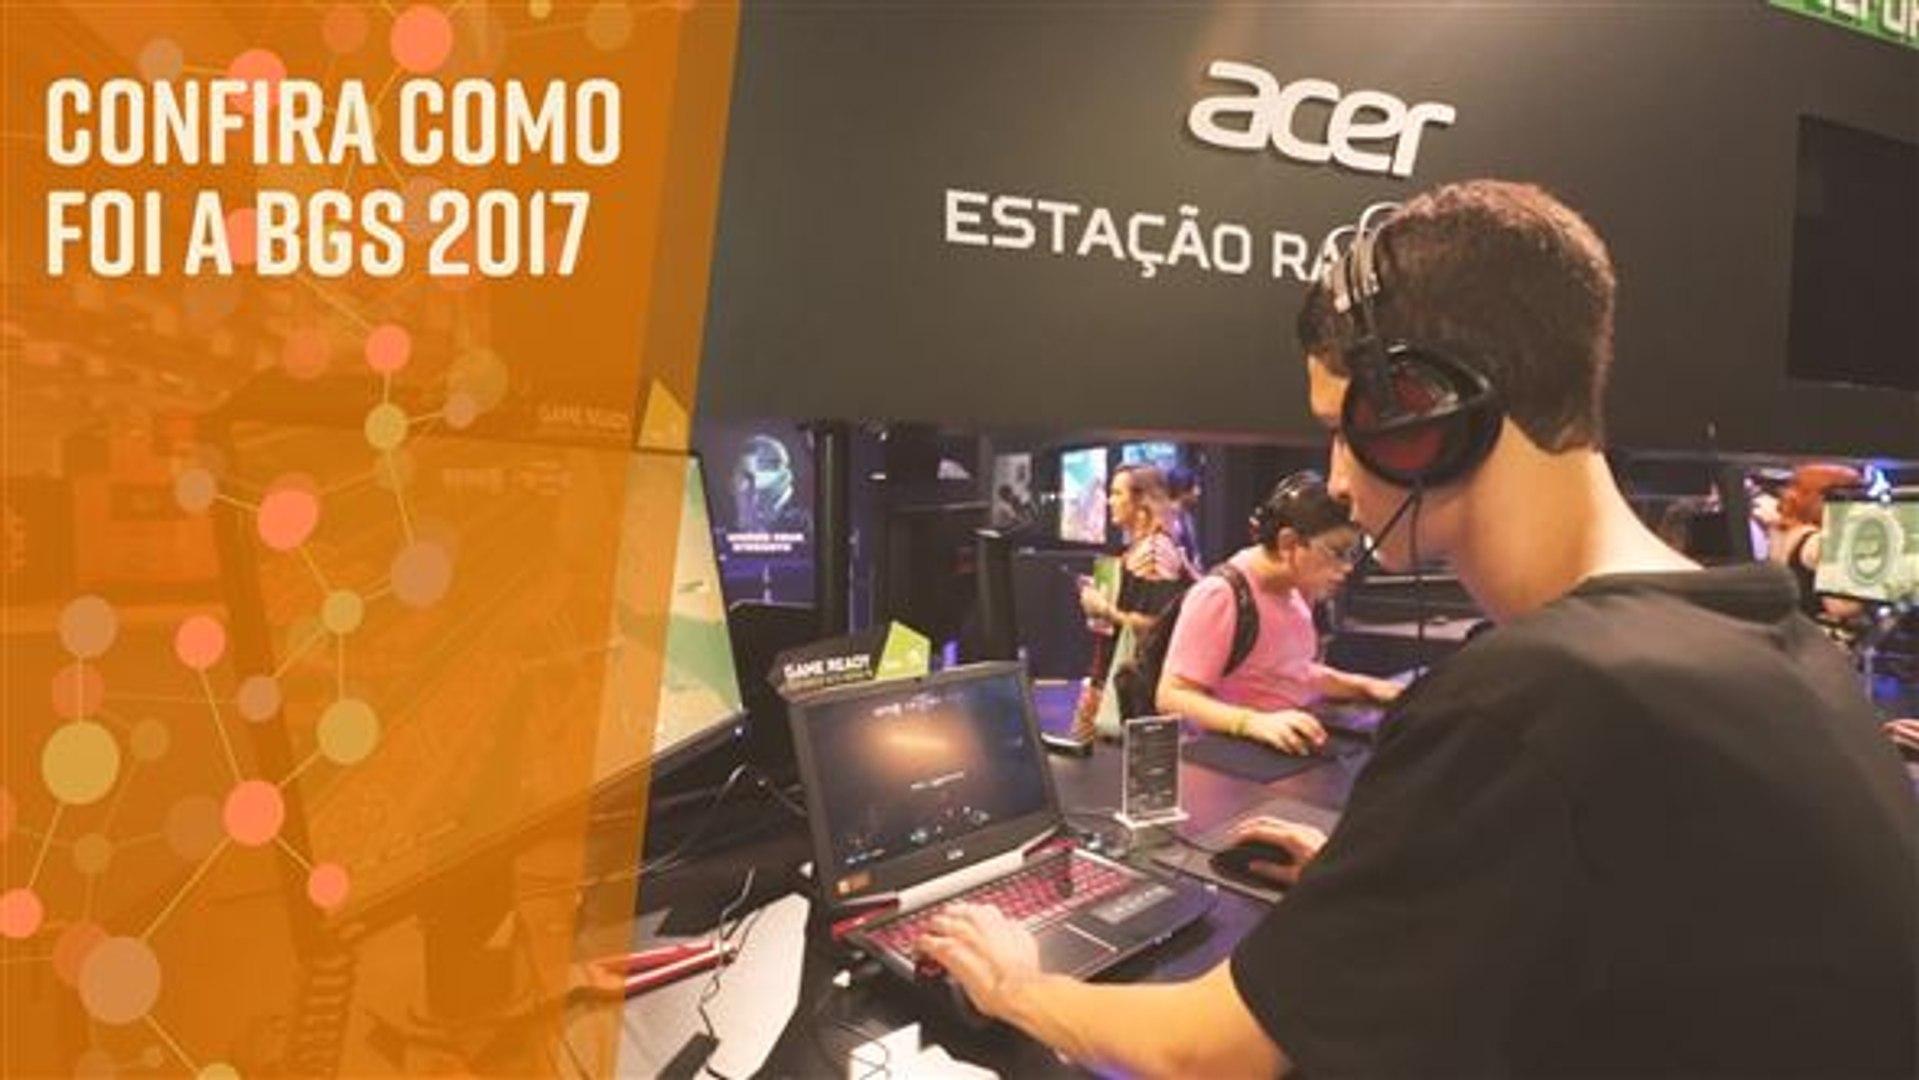 Veja como foi a maior feira de games da América Latina